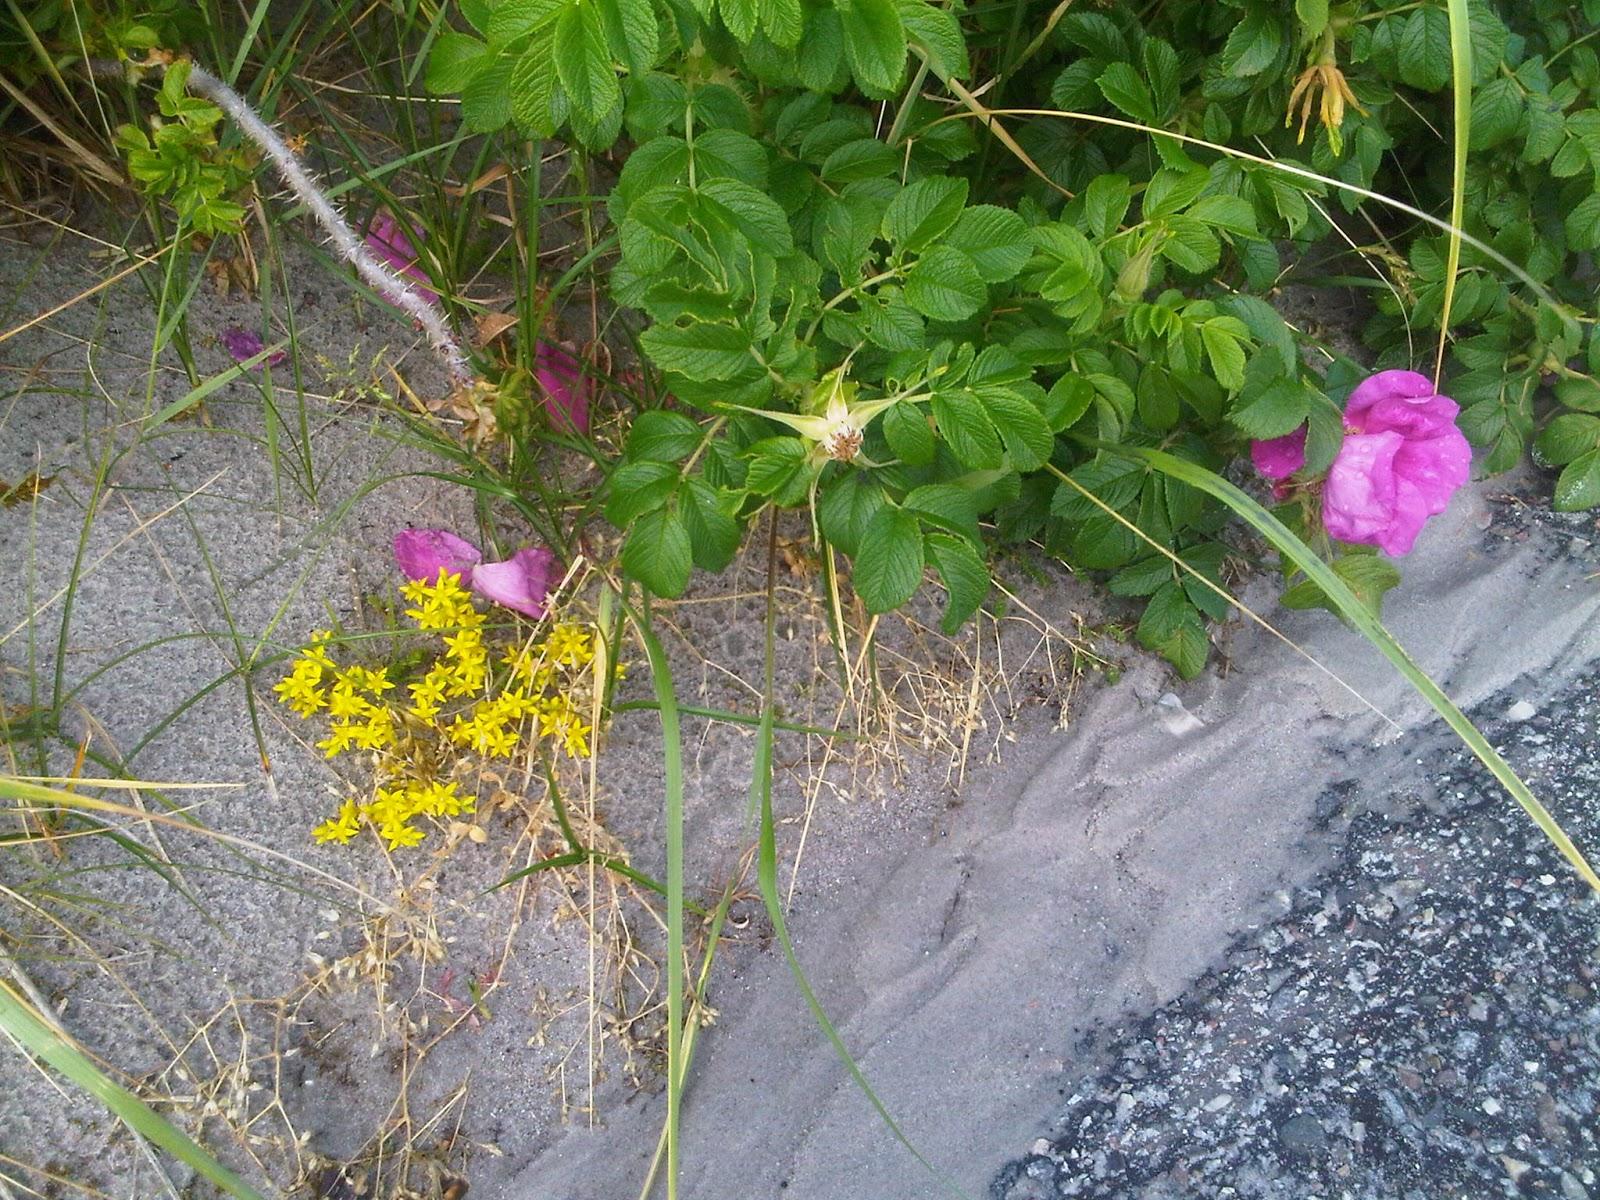 Heckenrosen und Blumen in den Dünen am Strand von Kalifornien